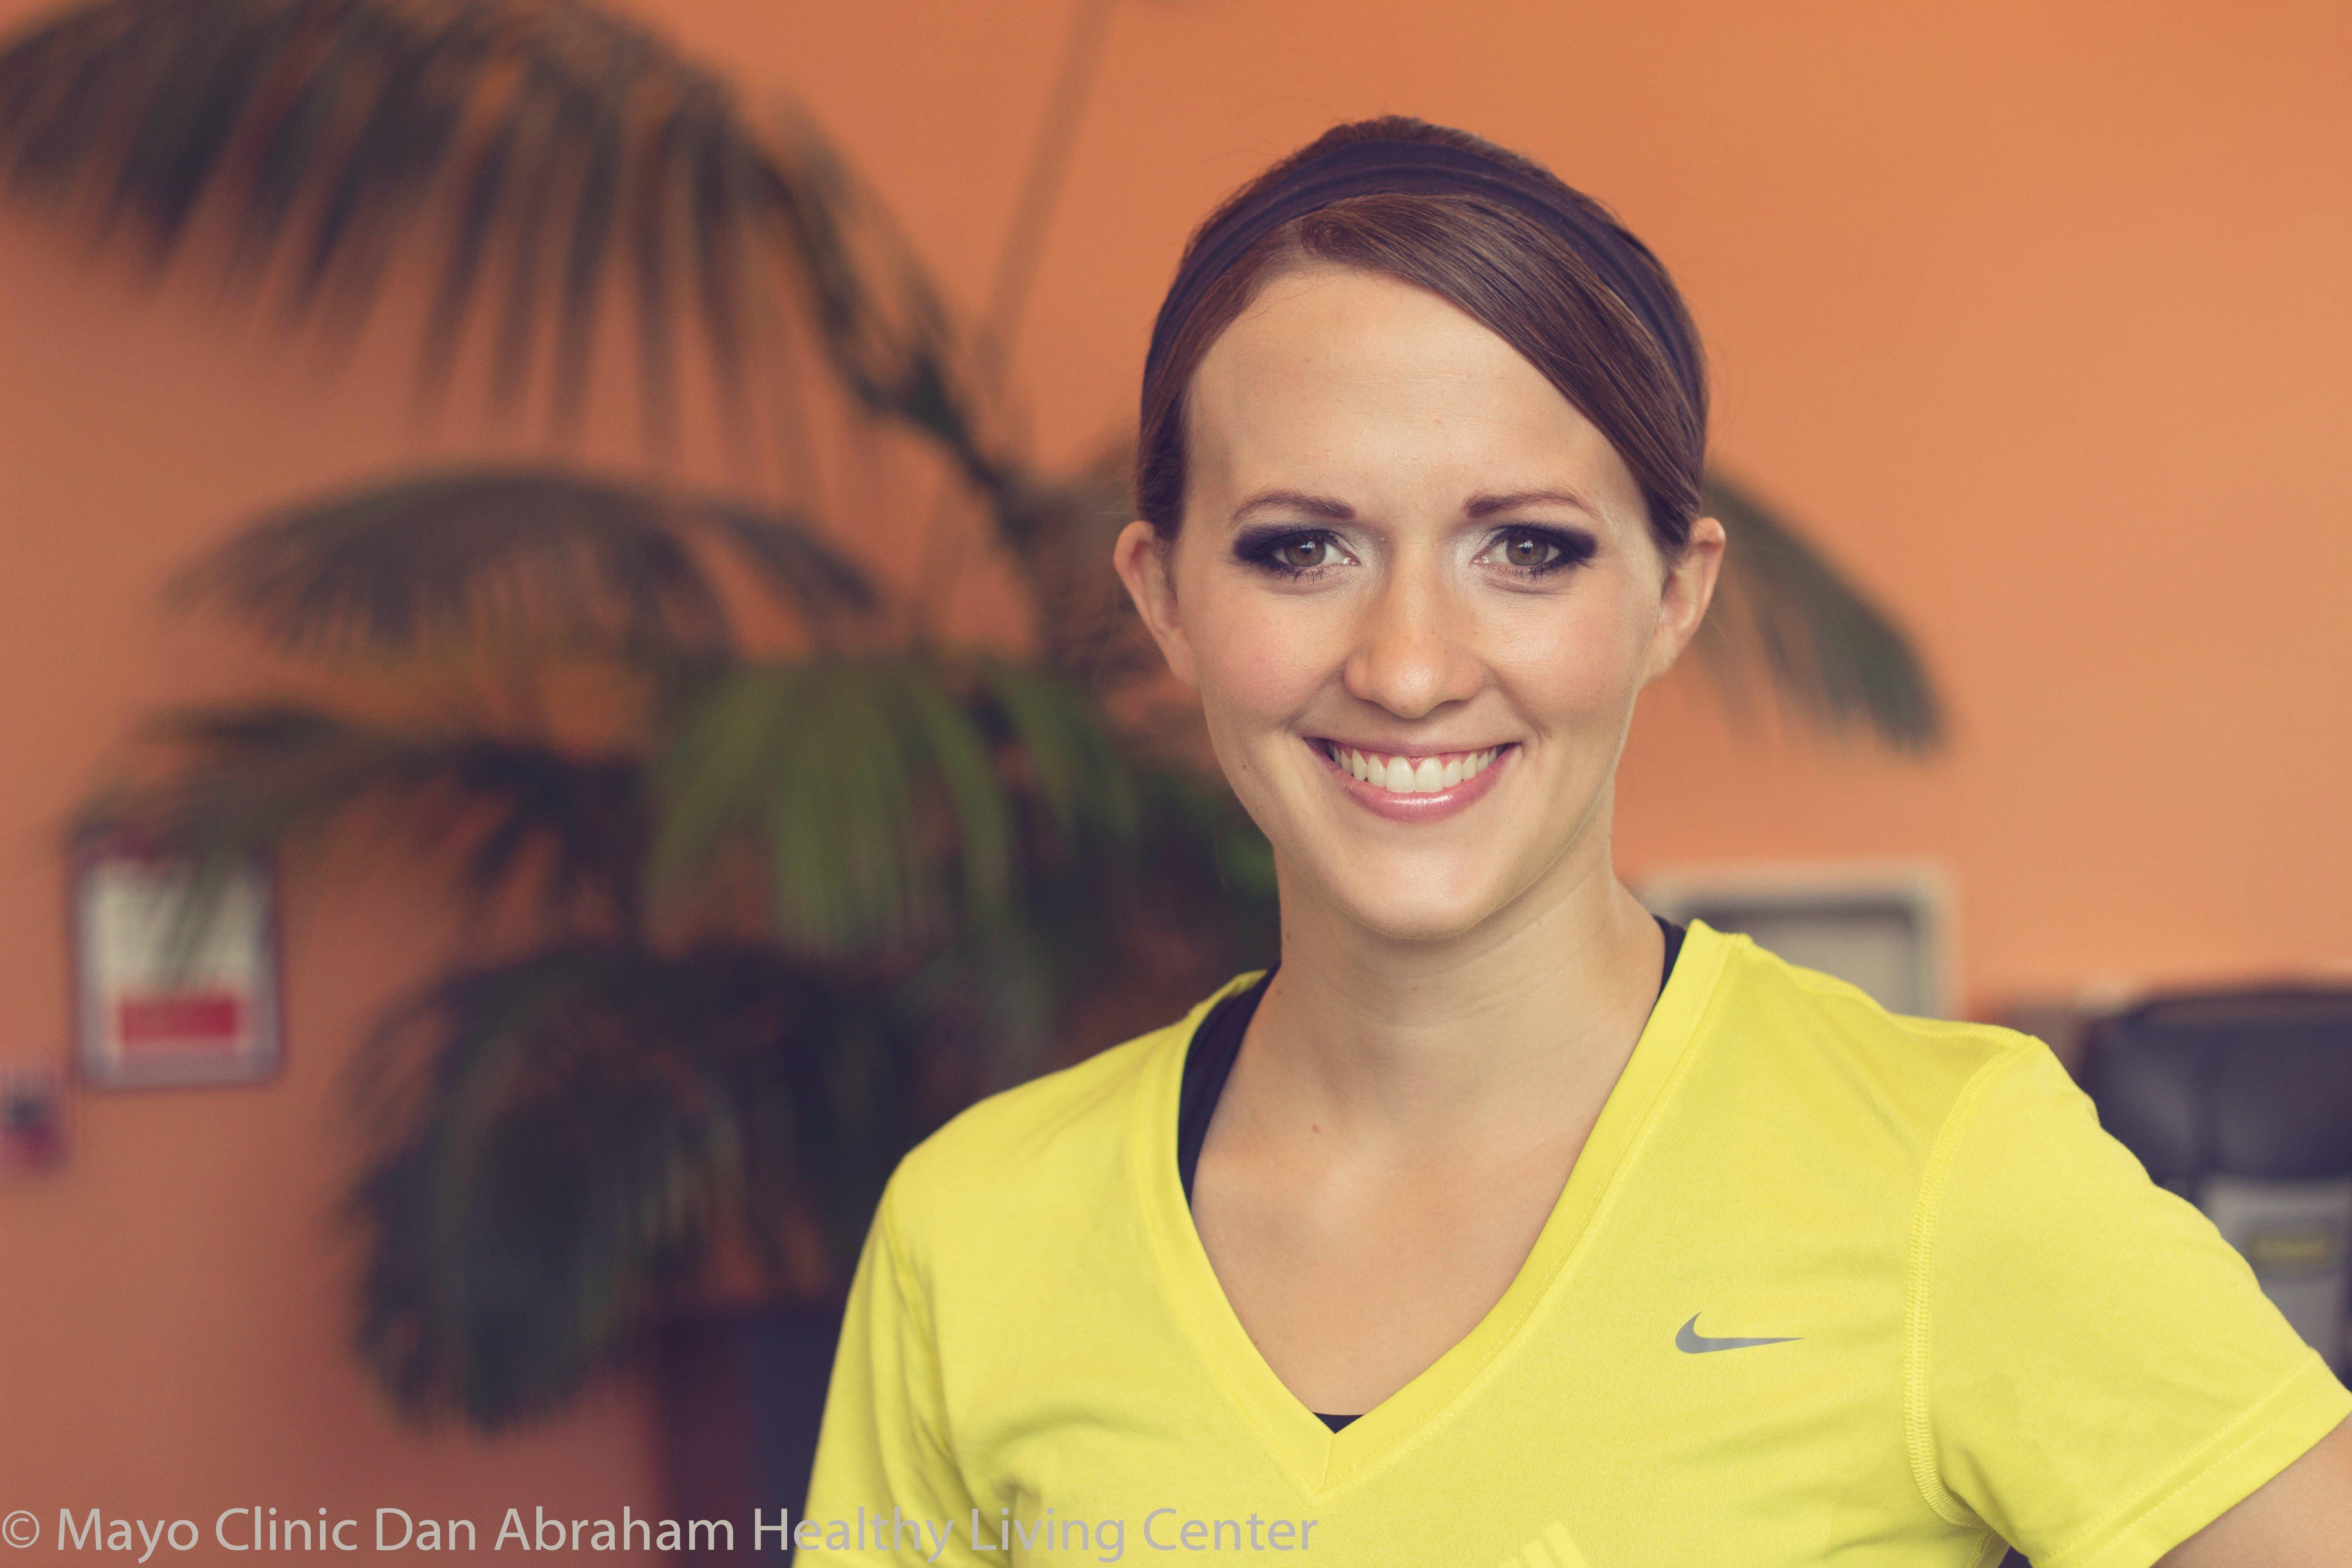 Jennifer - Instructor (@jennifere)